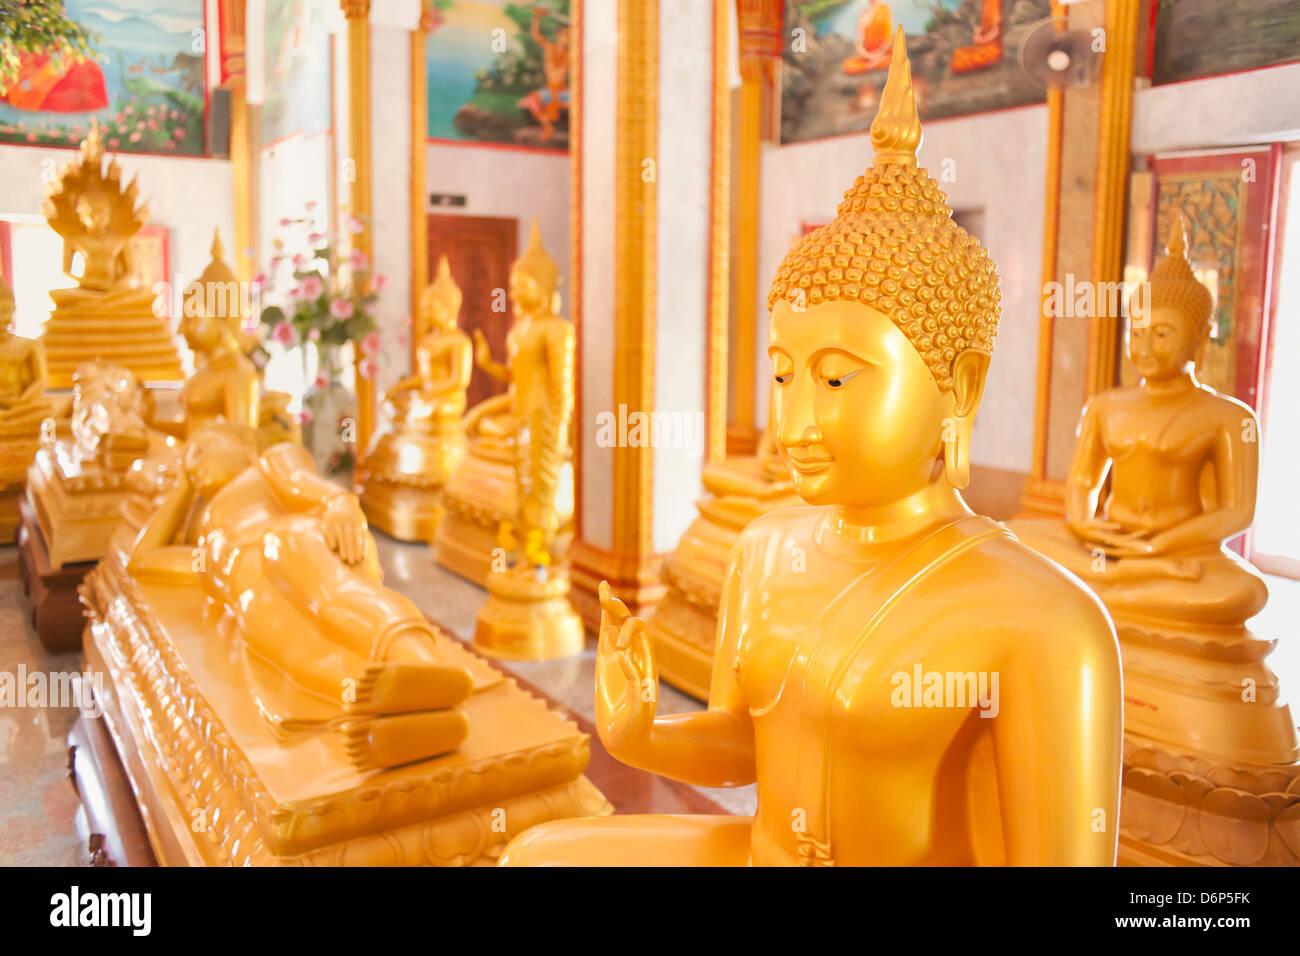 Statues, Karon Beach, Temple bouddhiste, l'île de Phuket, Phuket, Thaïlande, Asie du Sud, Asie Banque D'Images